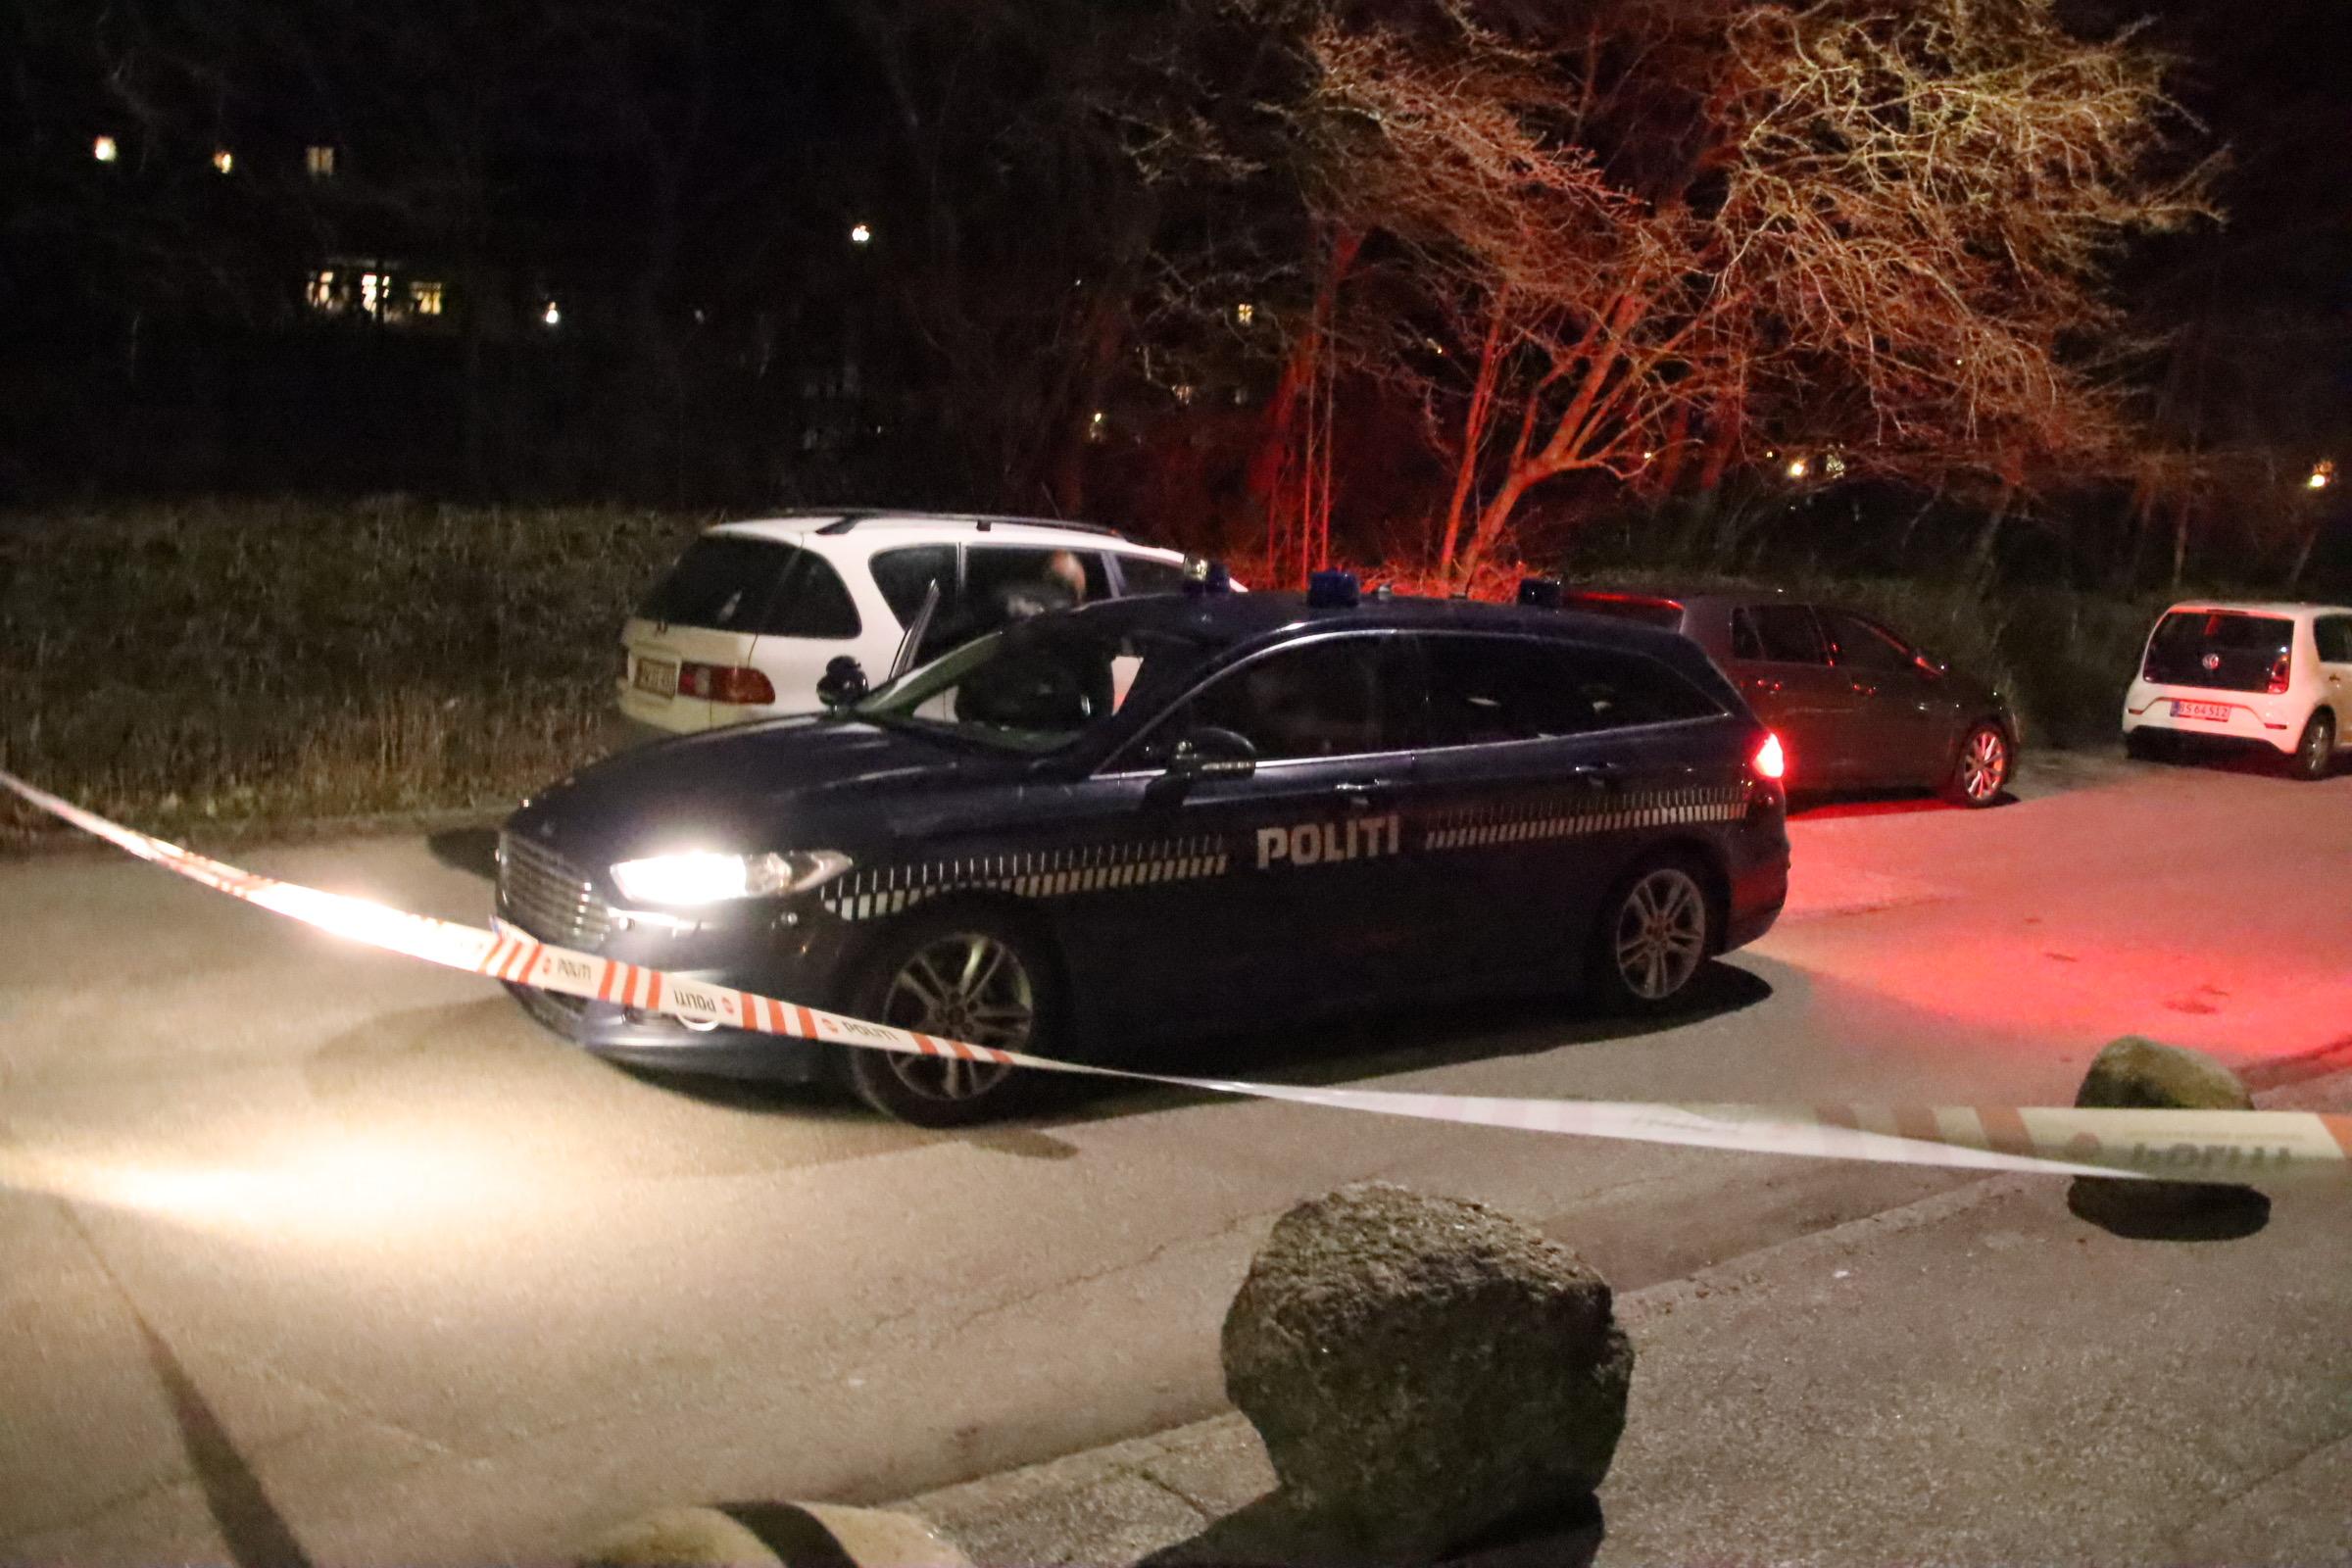 Politiaktion på Otto Benzons vej i Aarhus - Flere anholdte